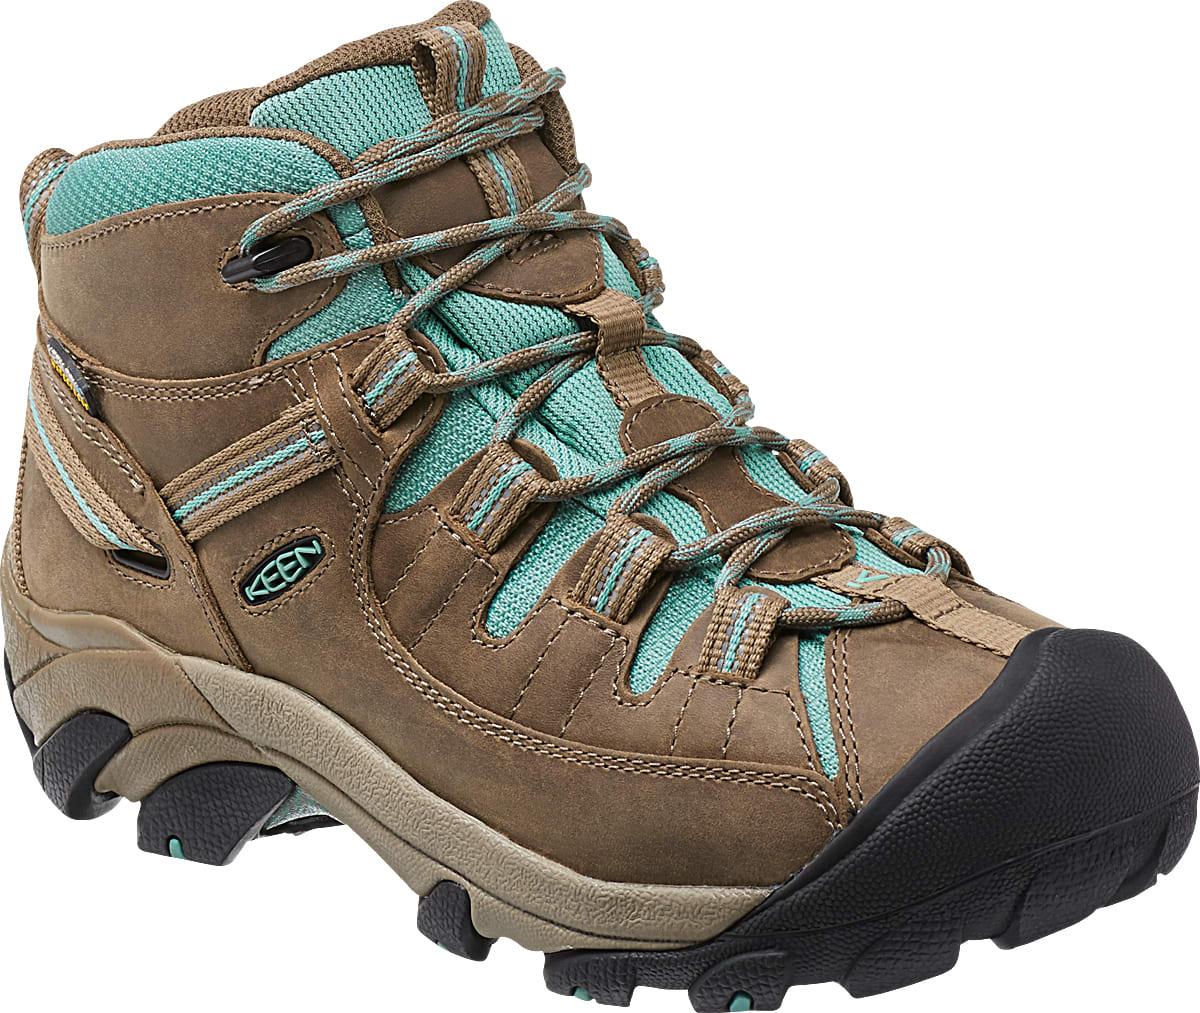 Keen Shitake Womens Shoe Reviews